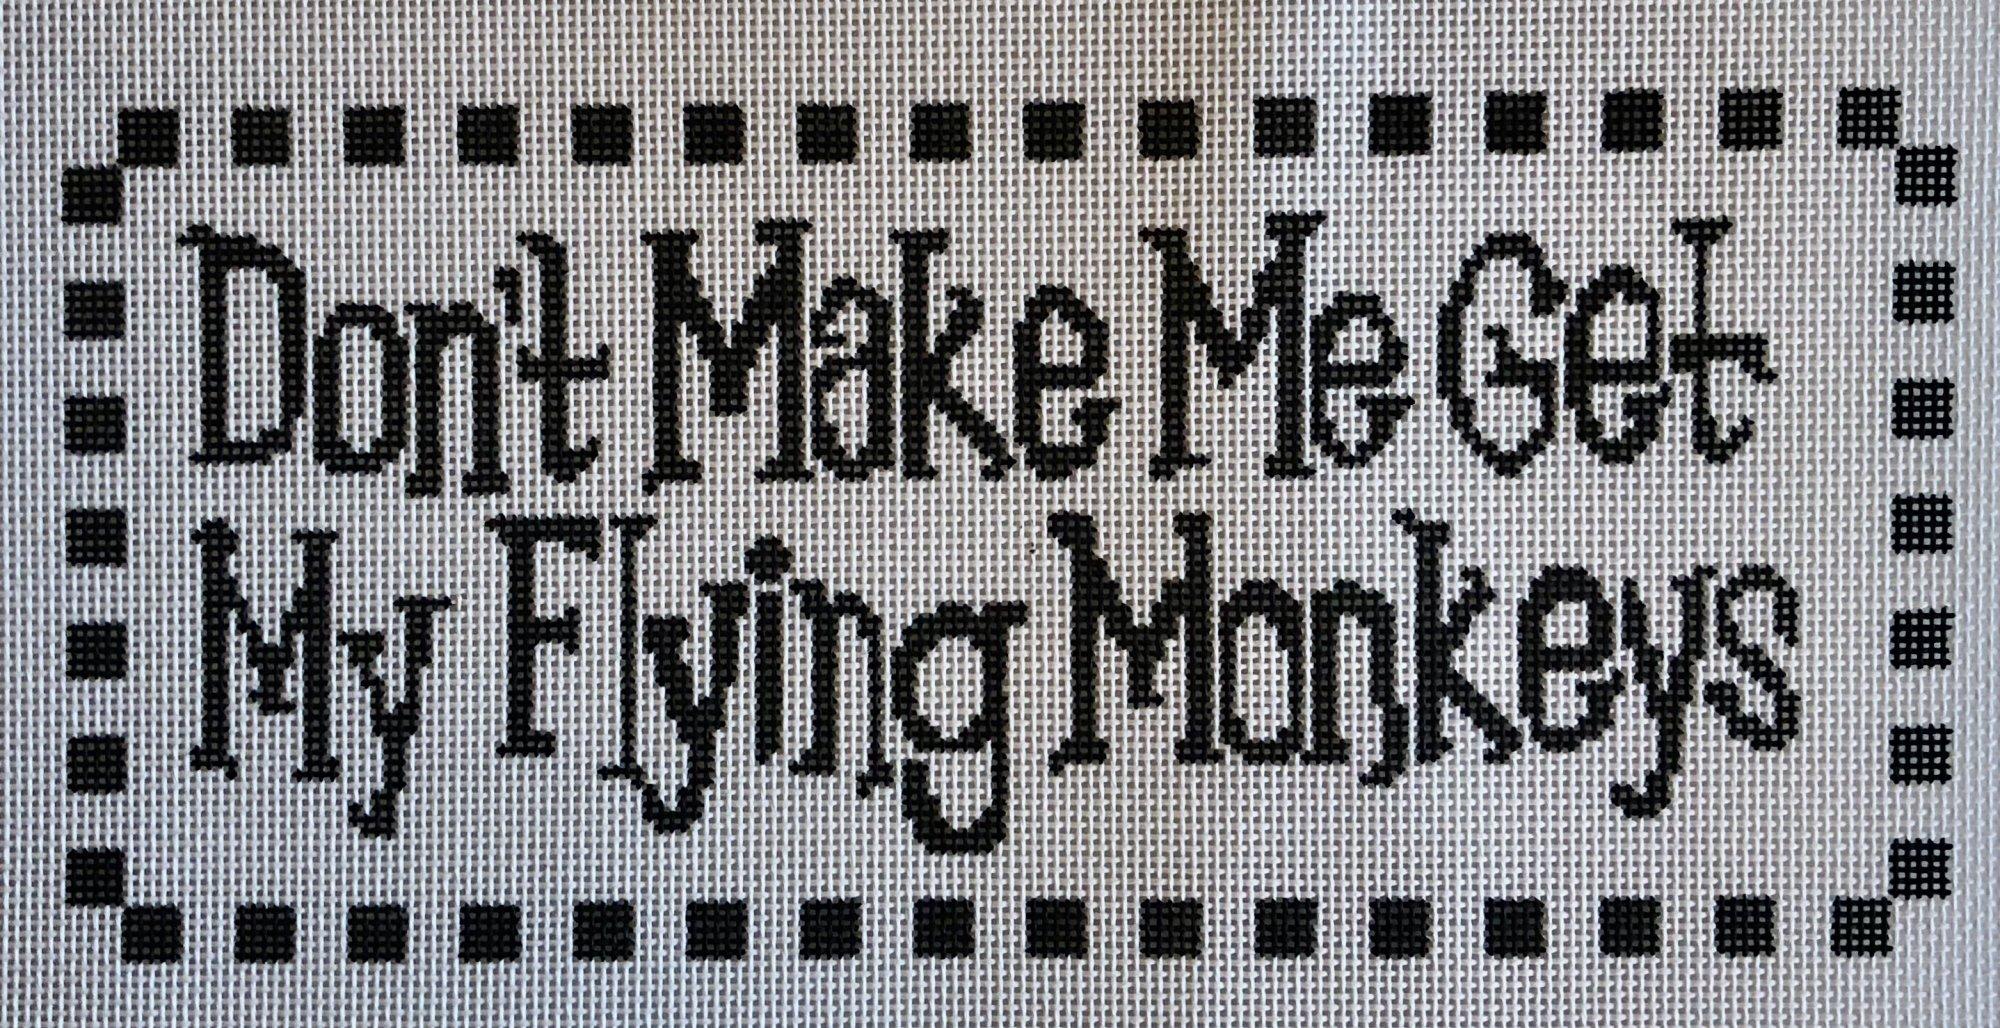 don't make me...flying monkeys